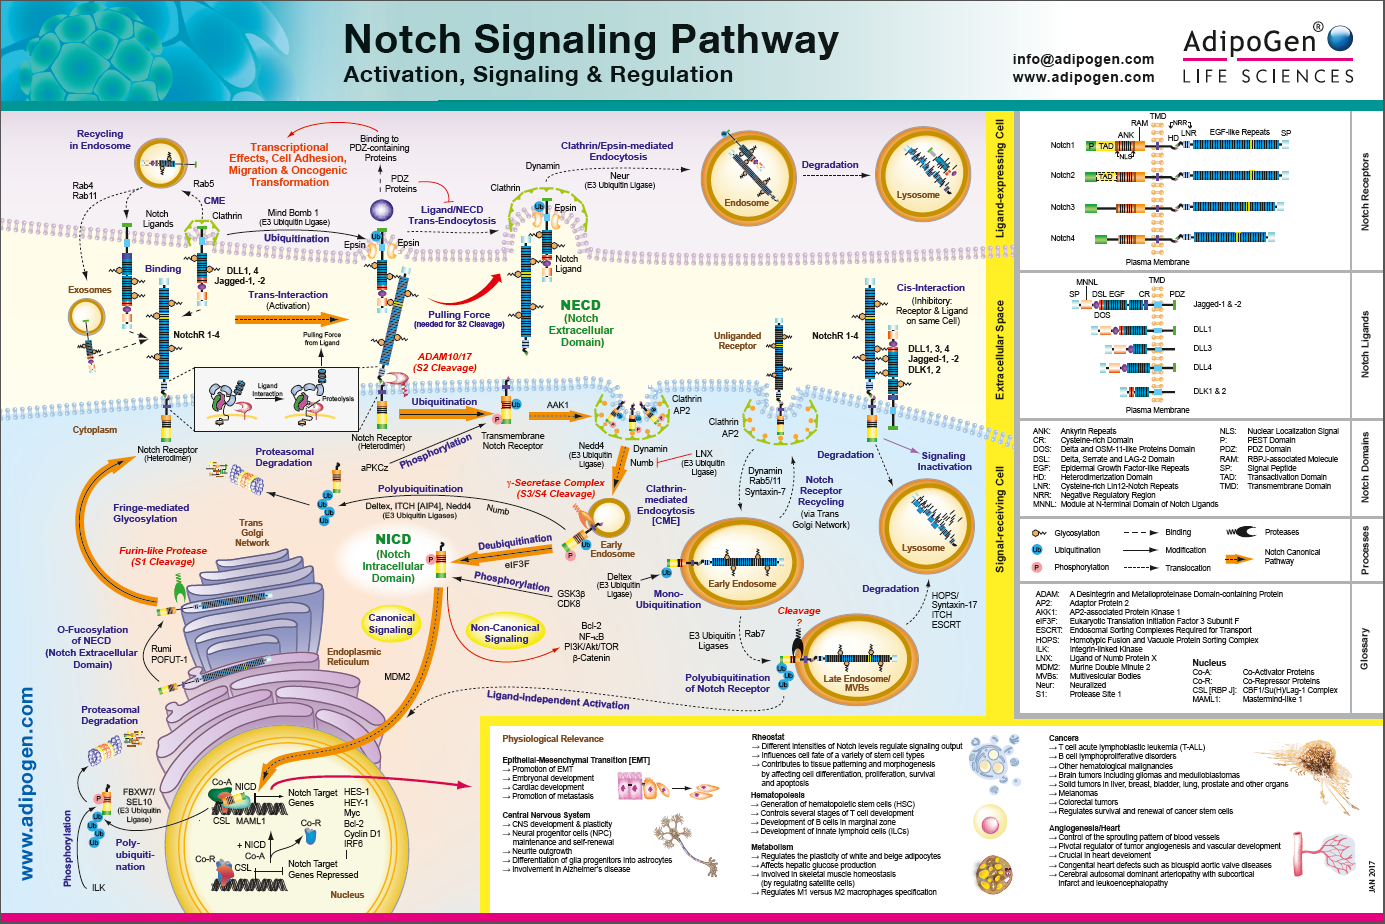 Notch Signaling Pathways Wallchart 2017